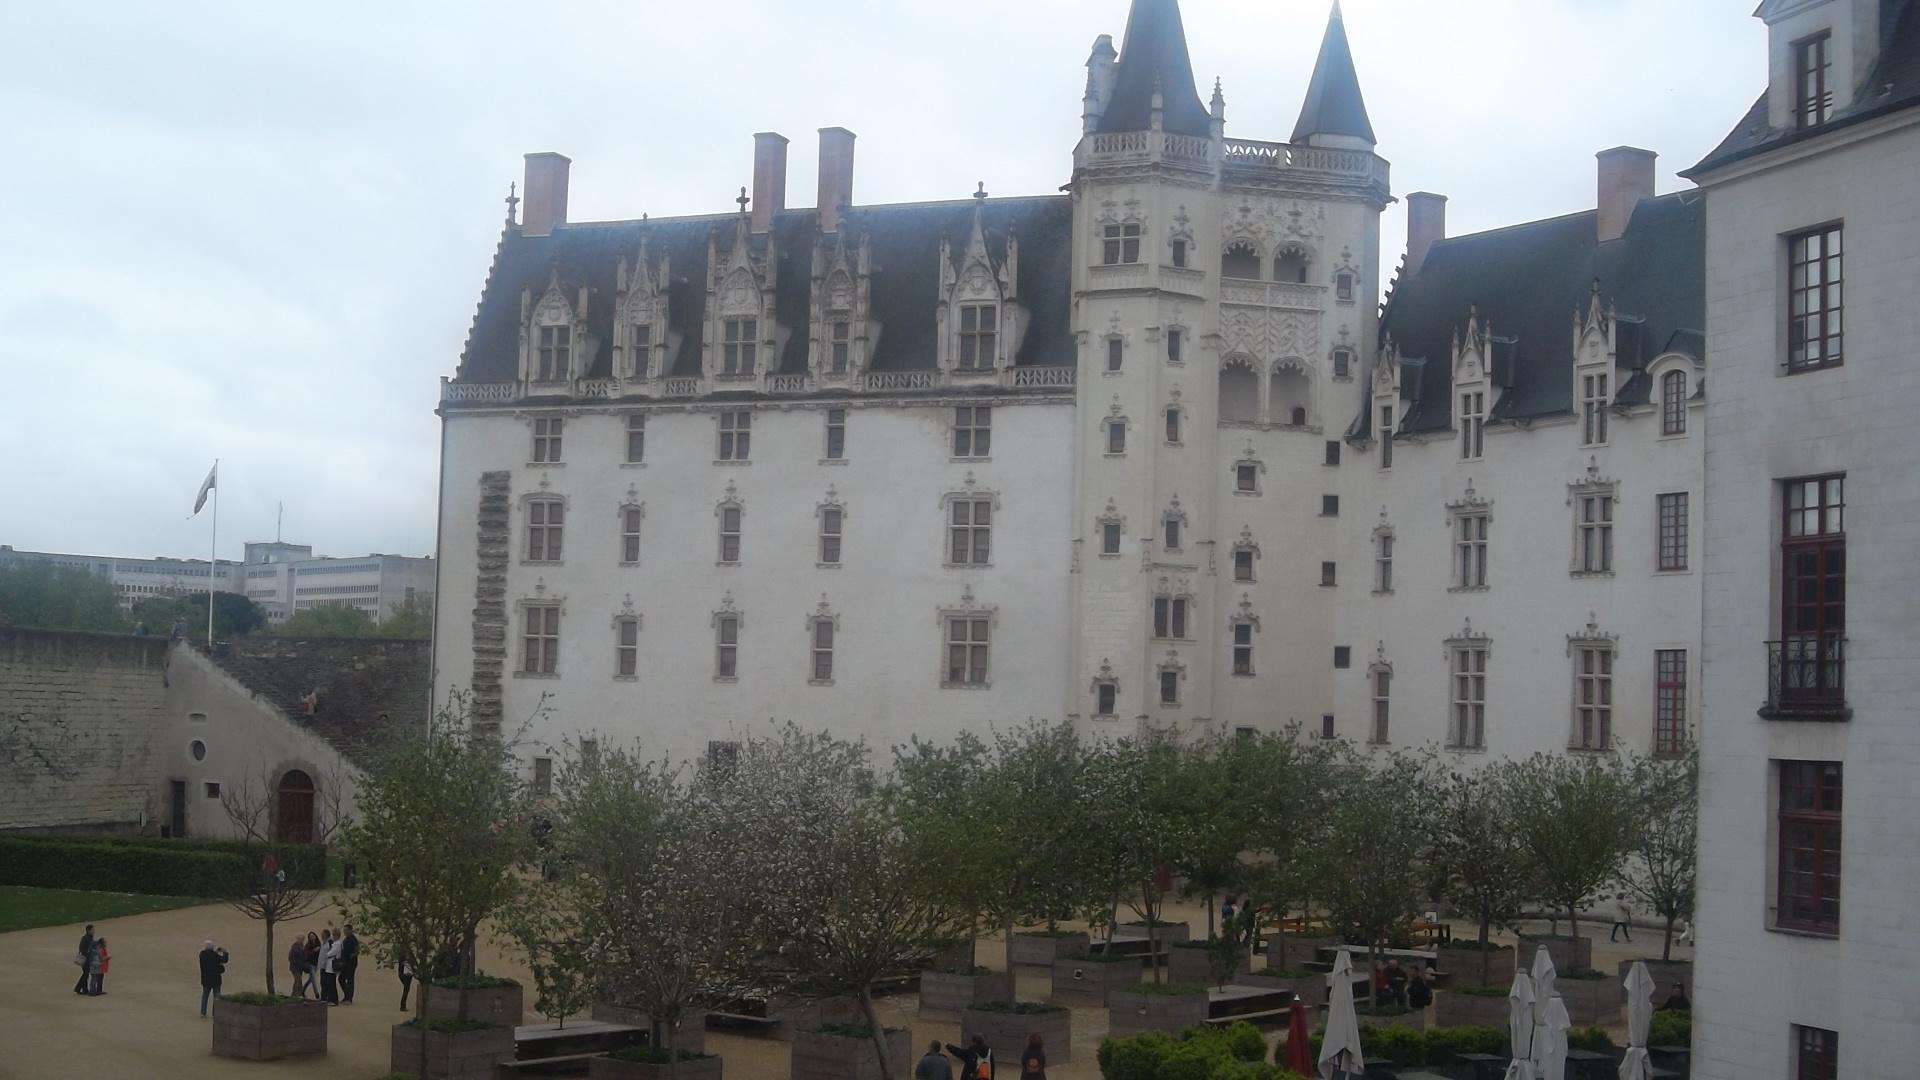 nantes-castle-dukes-grand-donjon-et-tour-couronne-dor-my13